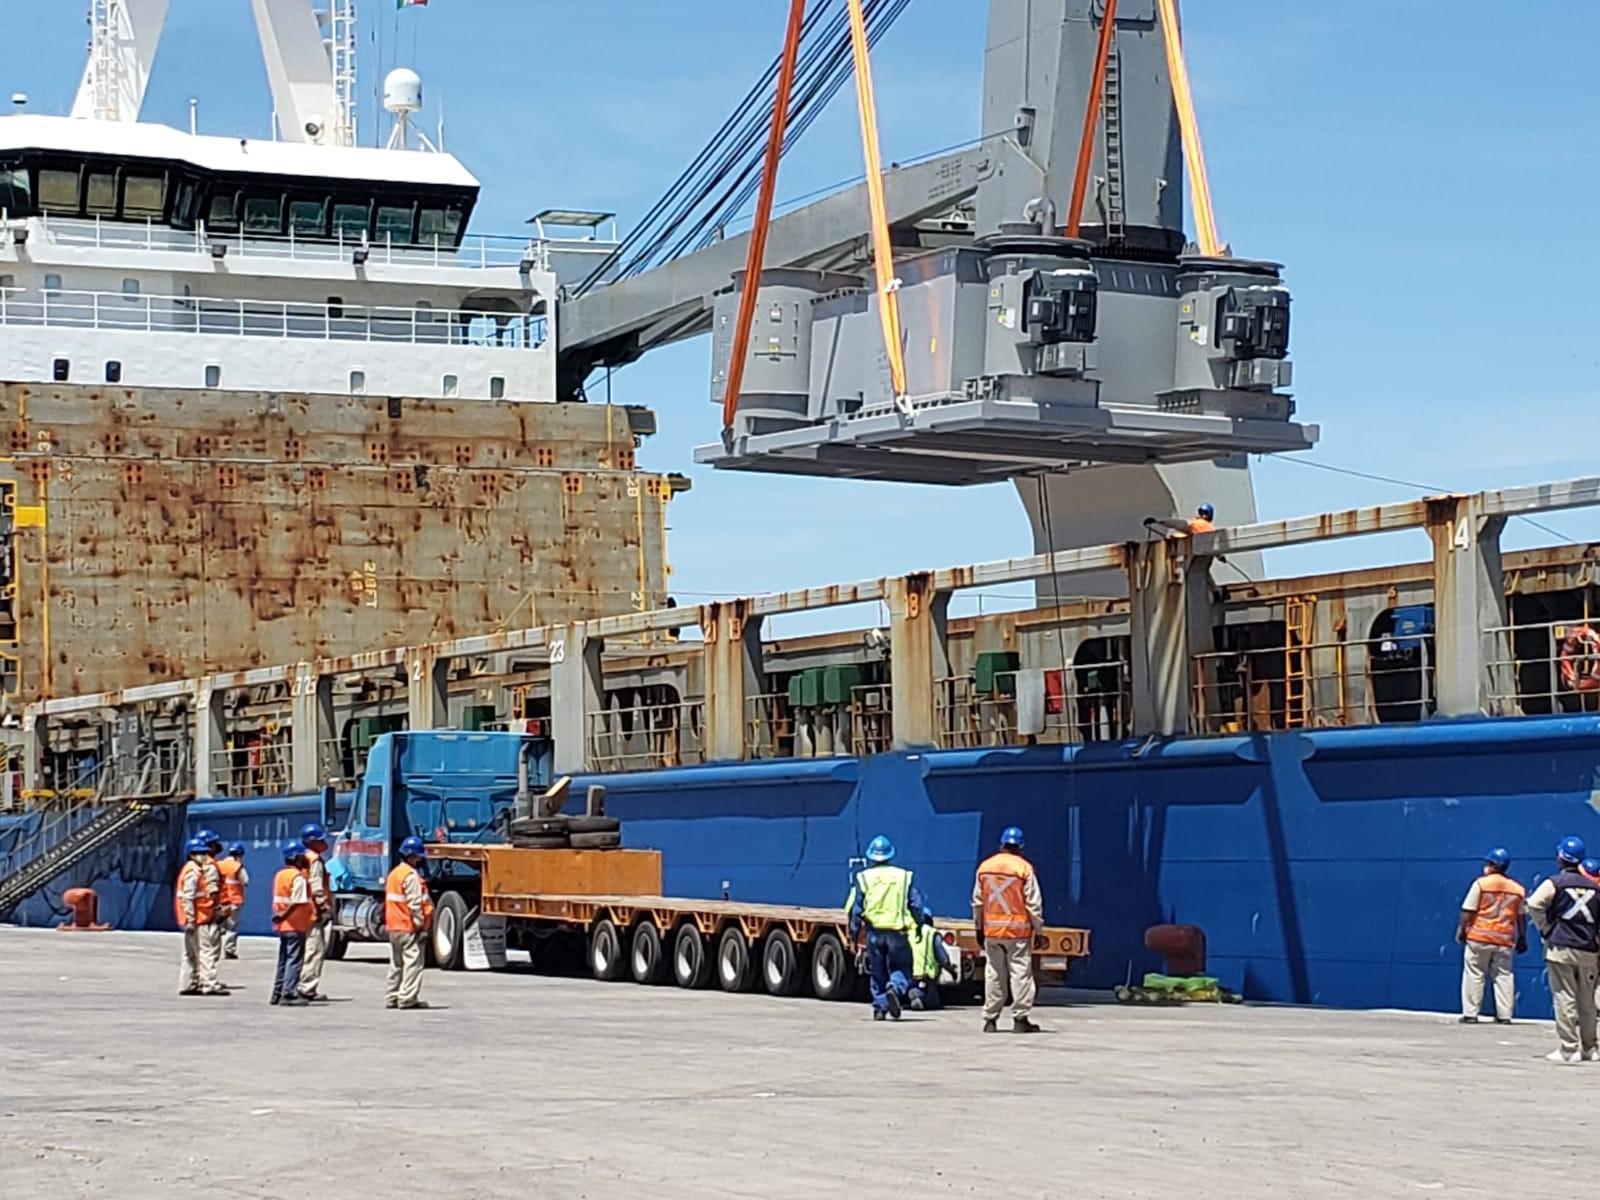 equipment arriving at la paz